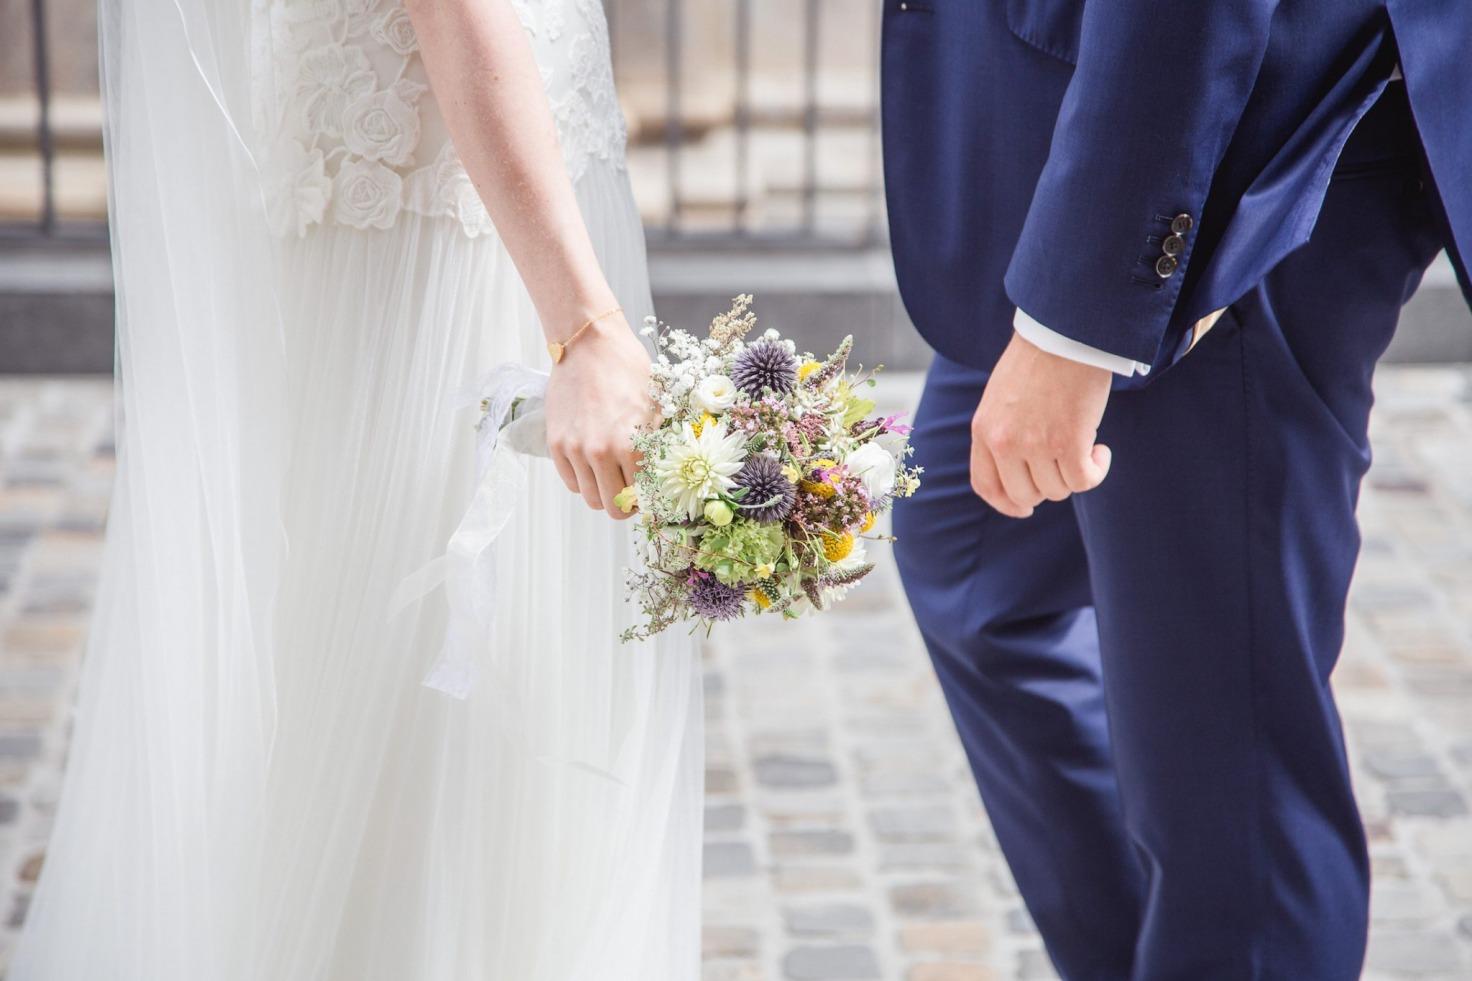 Hochzeit von Laura und Marco in Münster: Brautpaar steht sich gegenüber